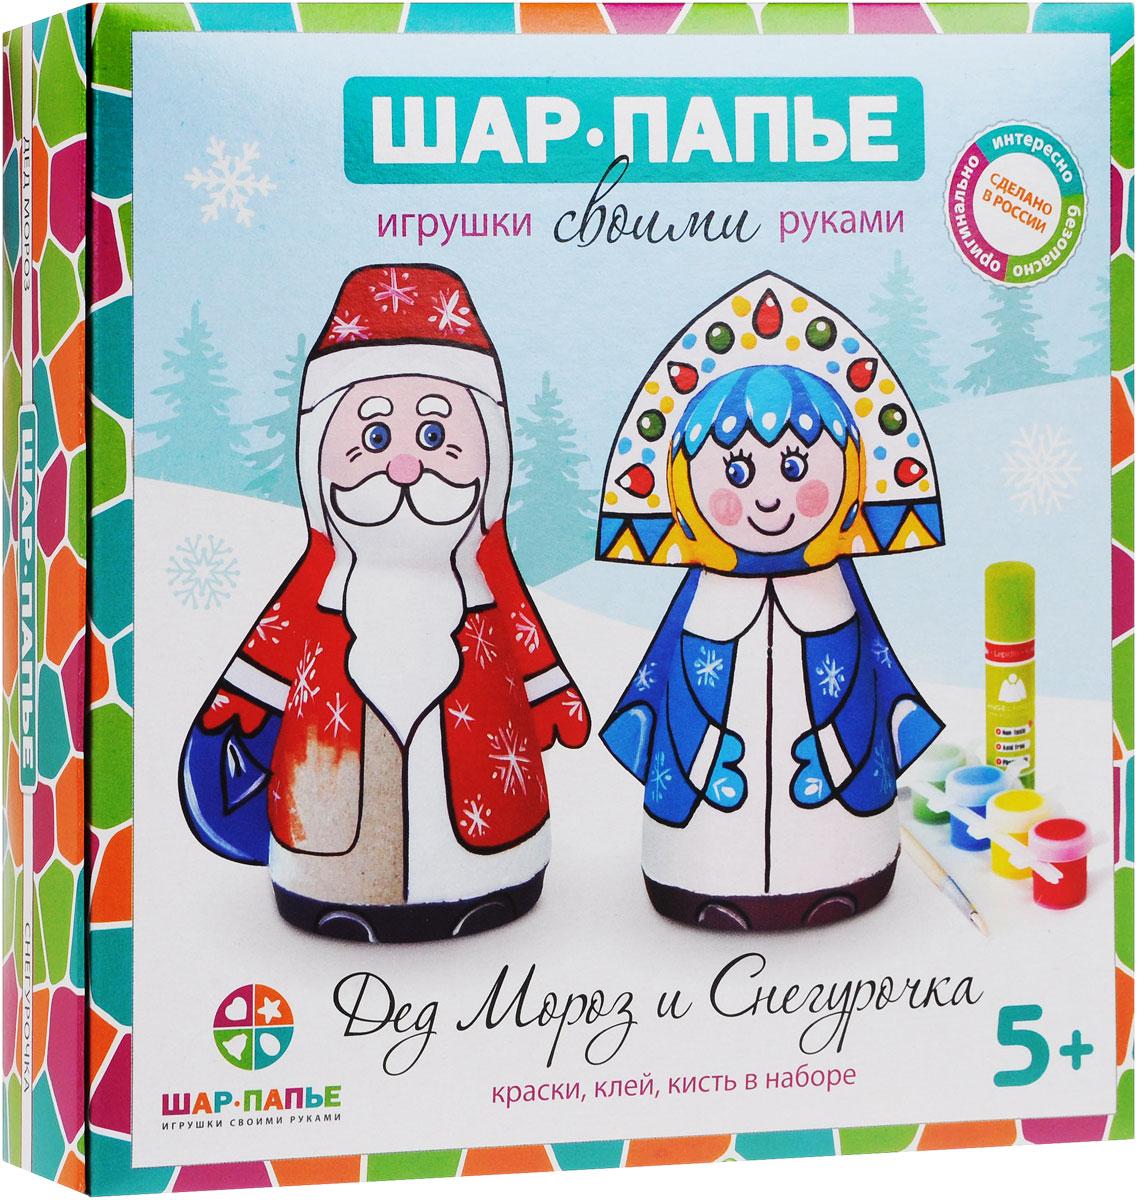 Шар-папье Набор для изготовления игрушек Дед Мороз и Снегурочка